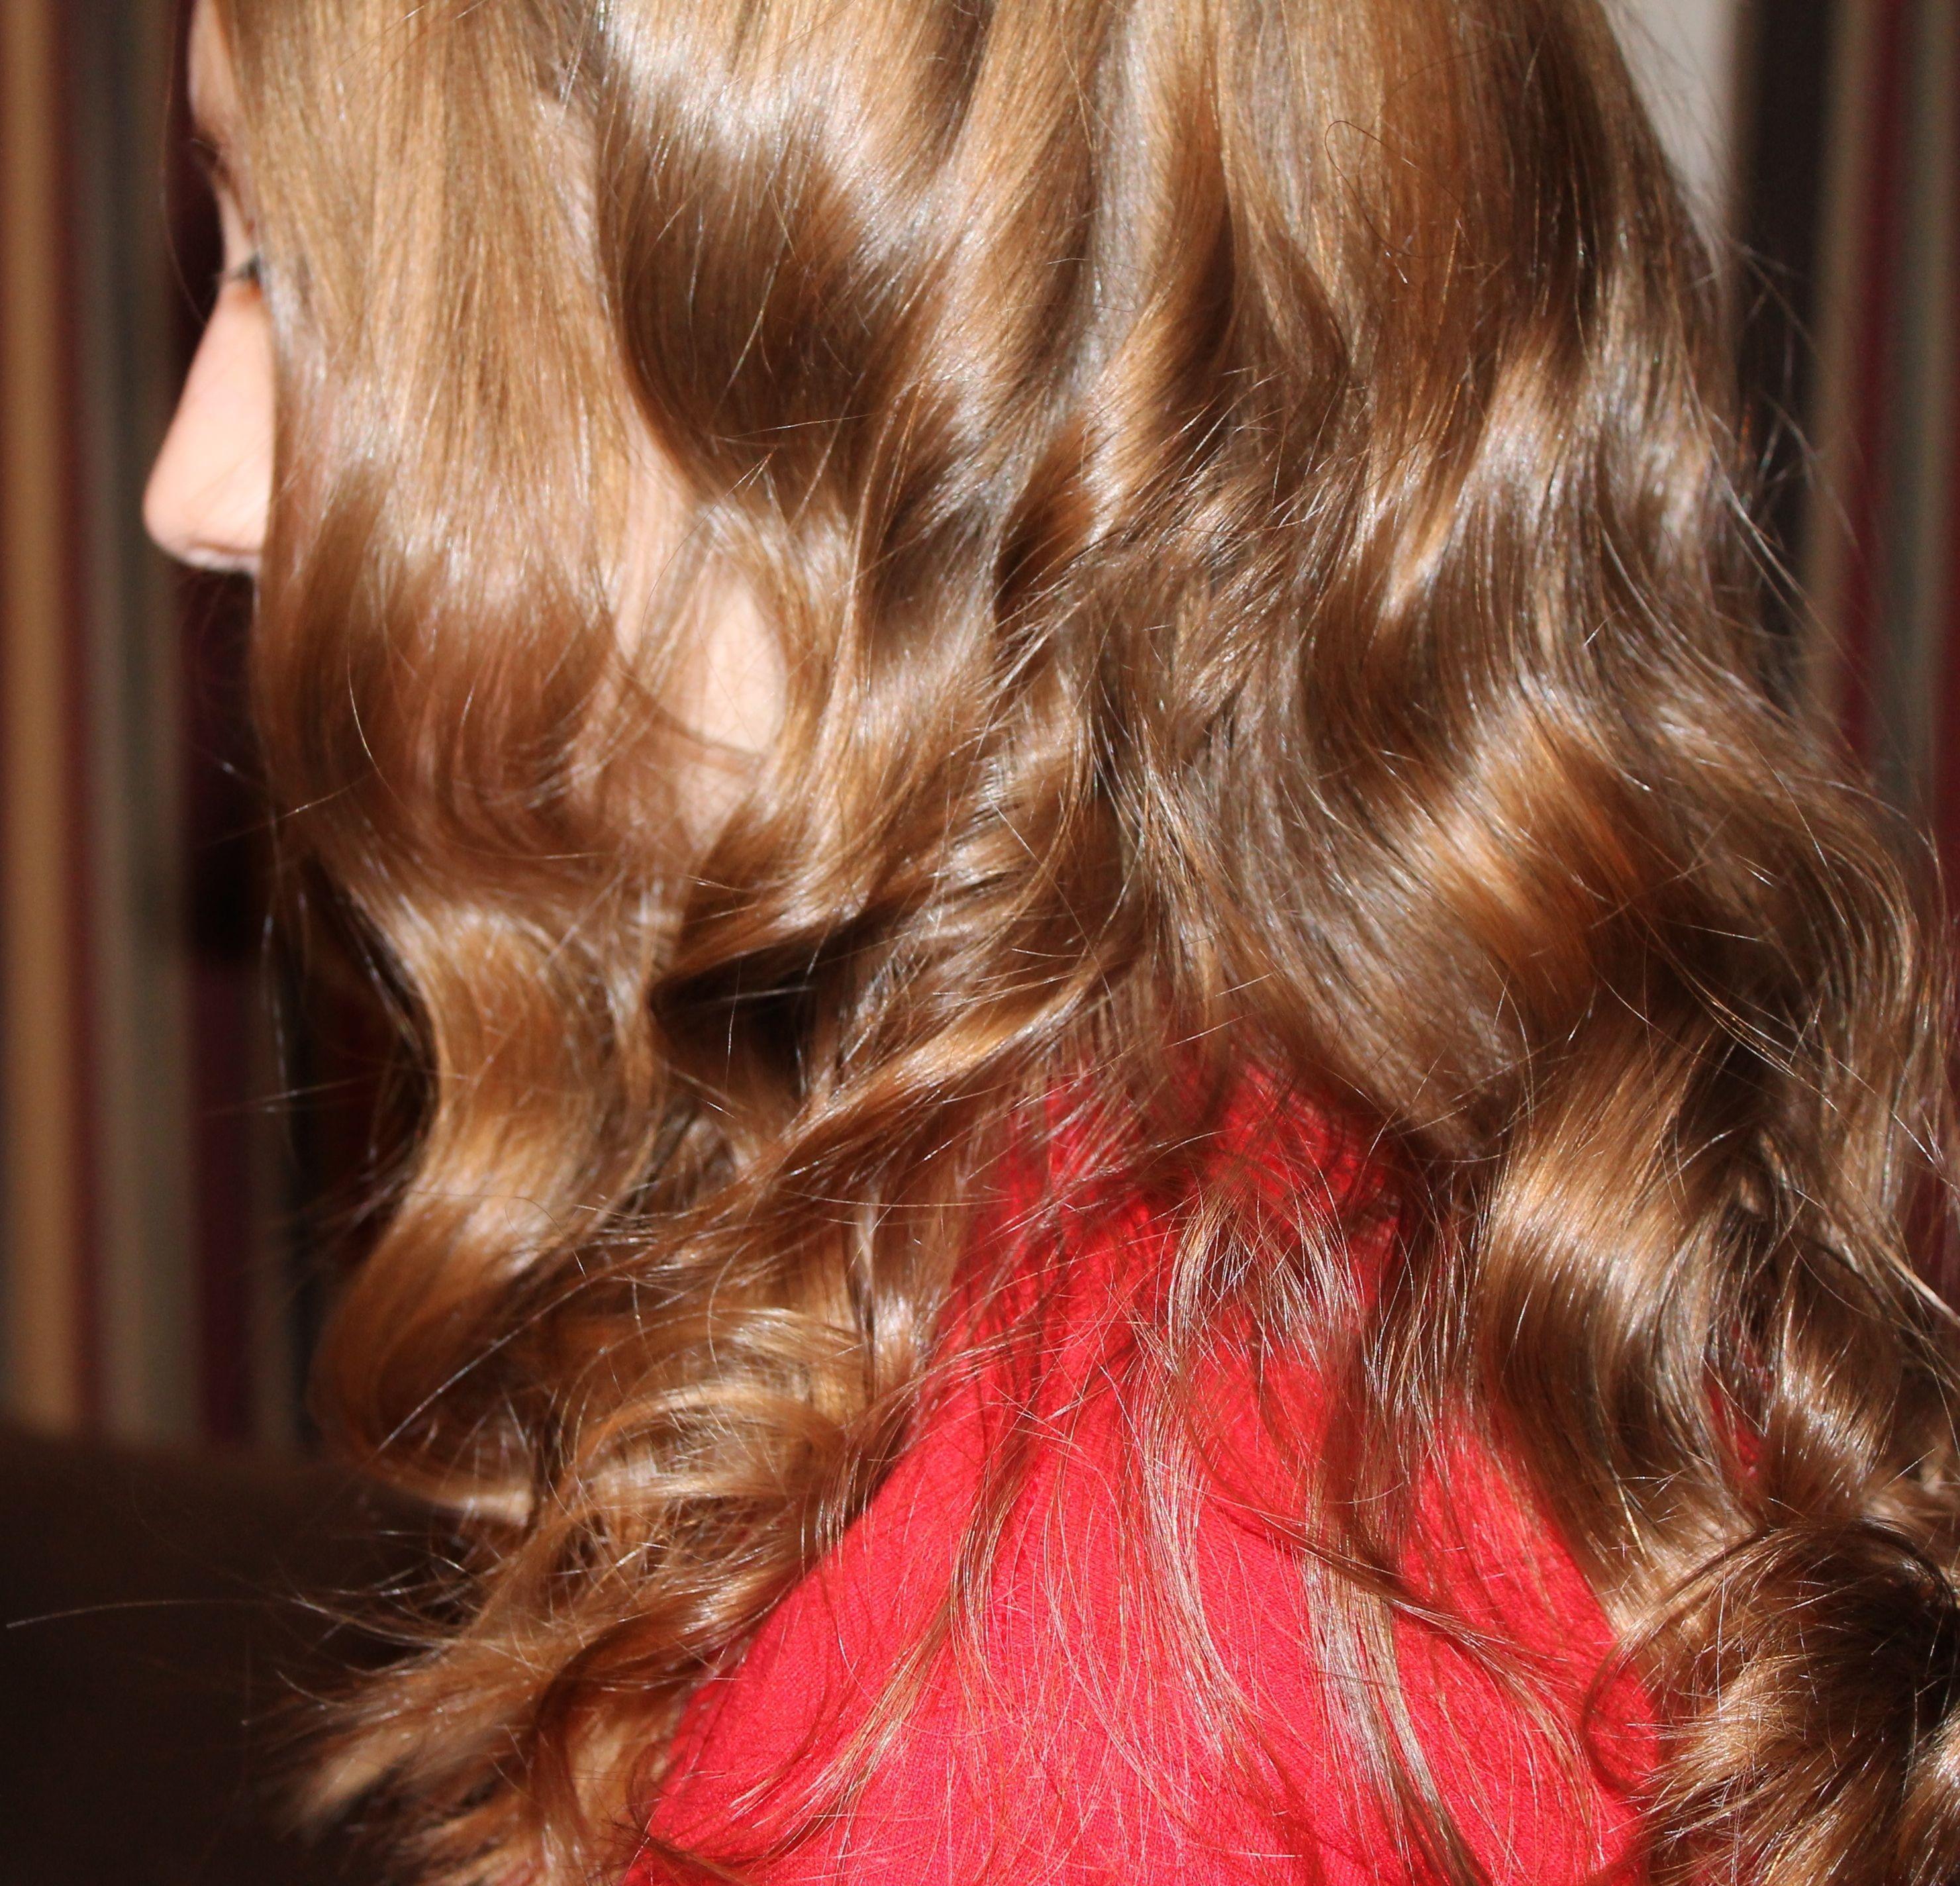 Gambar Wanita Merah Bersinar Berambut Pirang Hairstyle Rambut